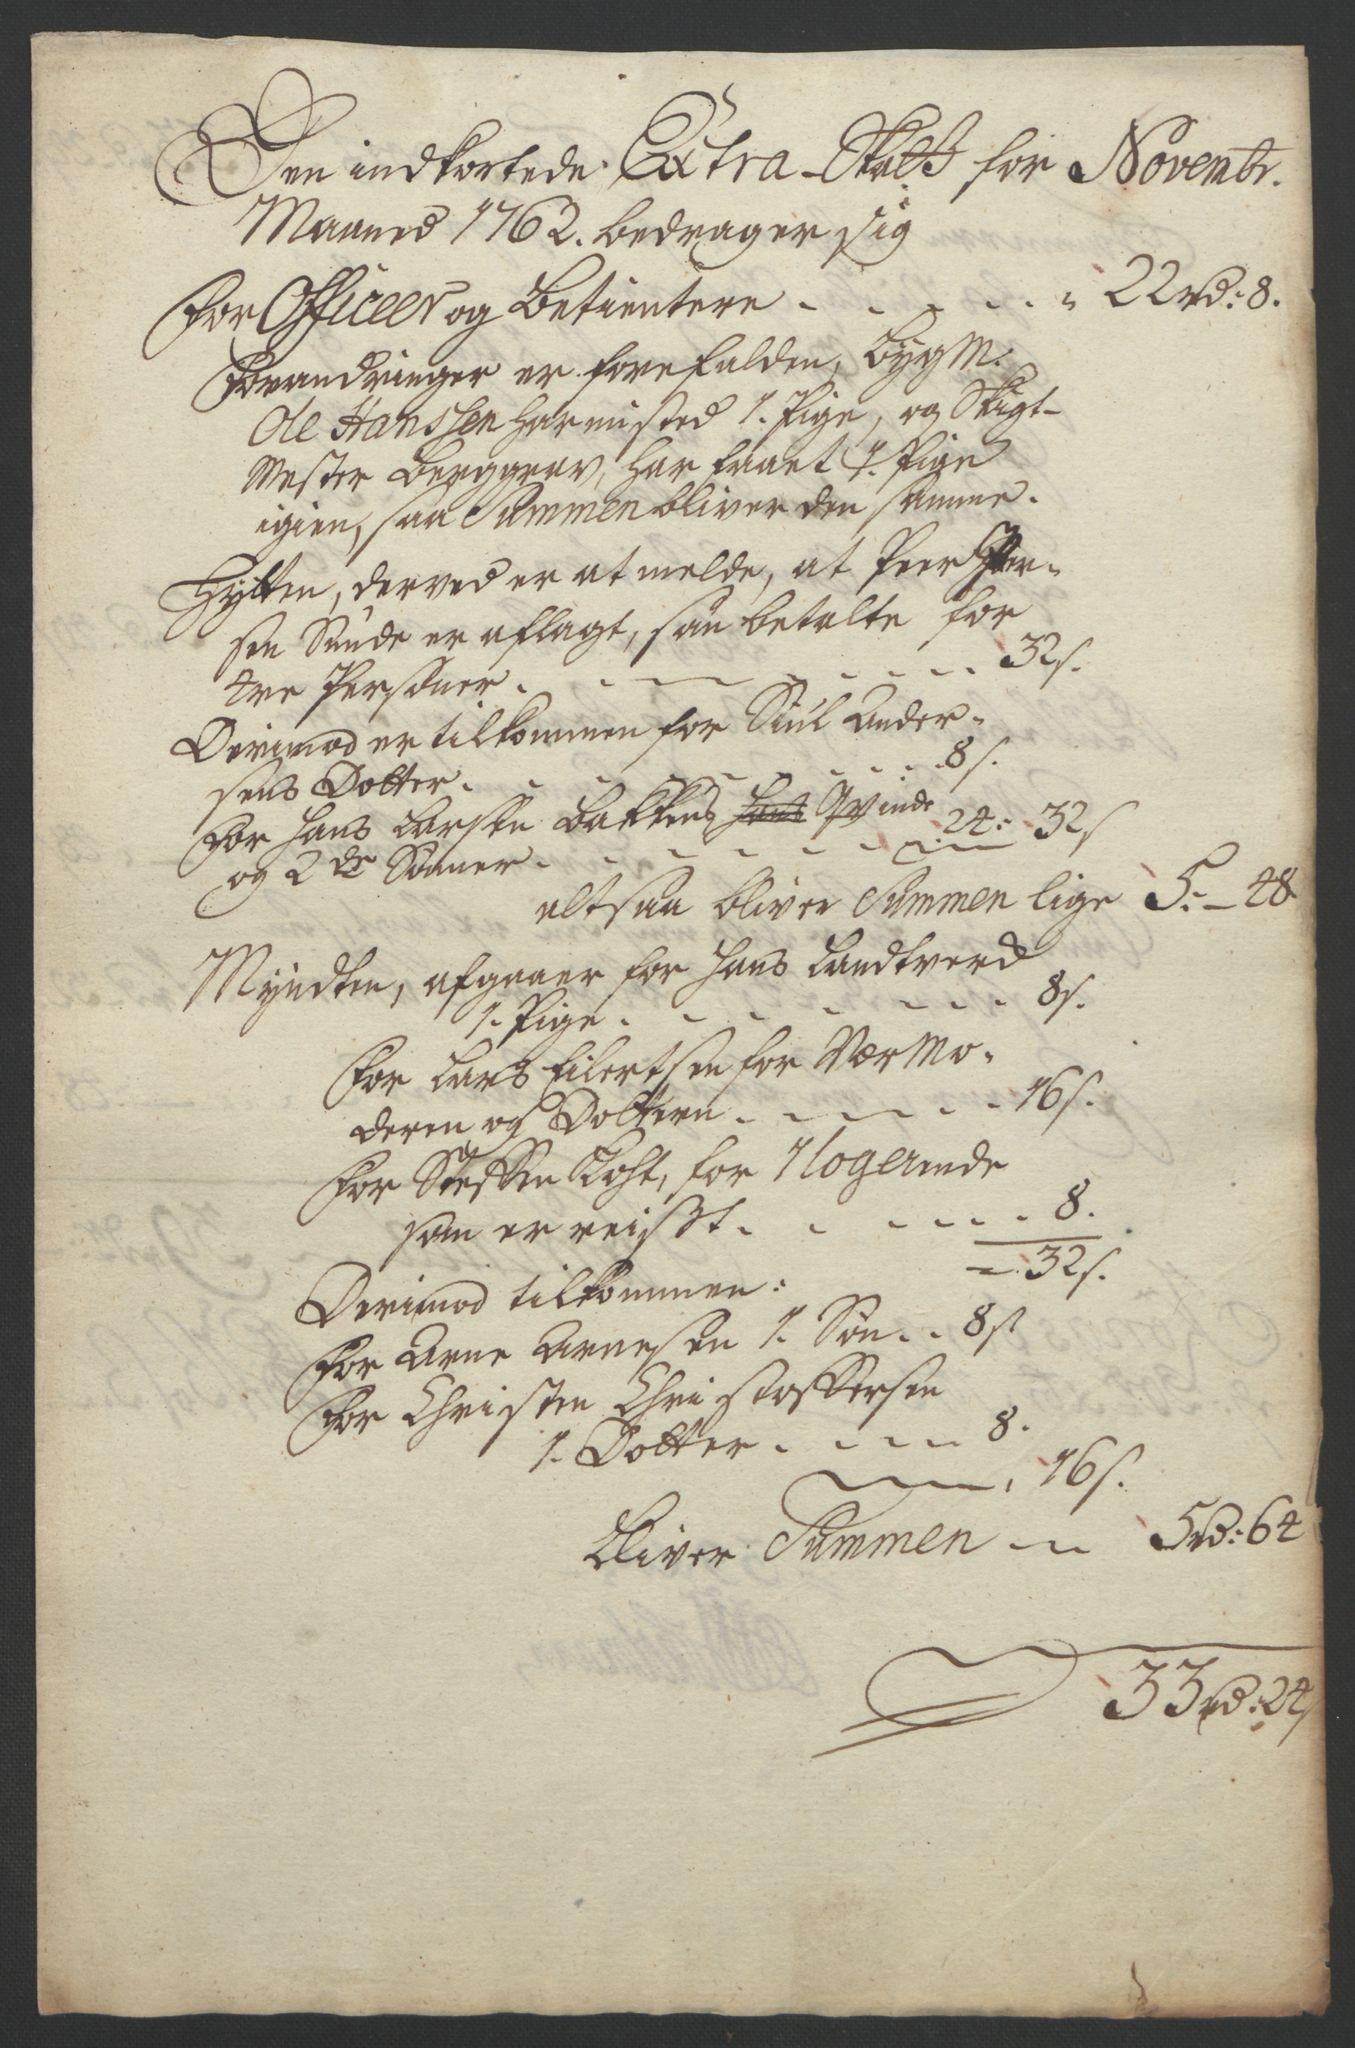 RA, Rentekammeret inntil 1814, Reviderte regnskaper, Bergverksregnskaper, R/Rc/Rca/L0843: Ekstraskatt, 1762-1765, s. 175